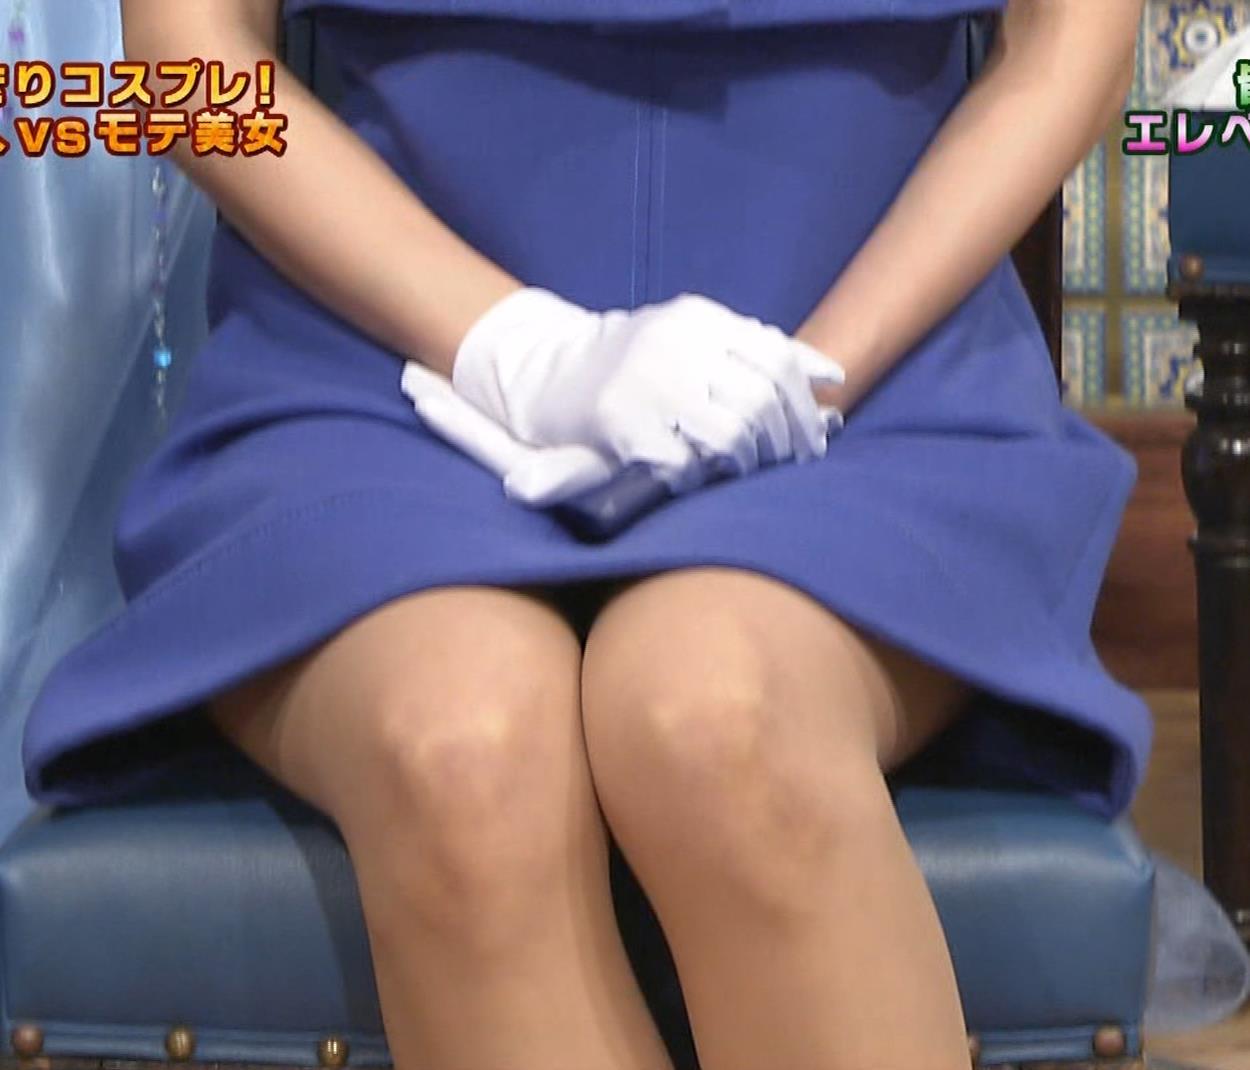 皆藤愛子 ミニスカートの中をアップで撮られるキャプ・エロ画像3